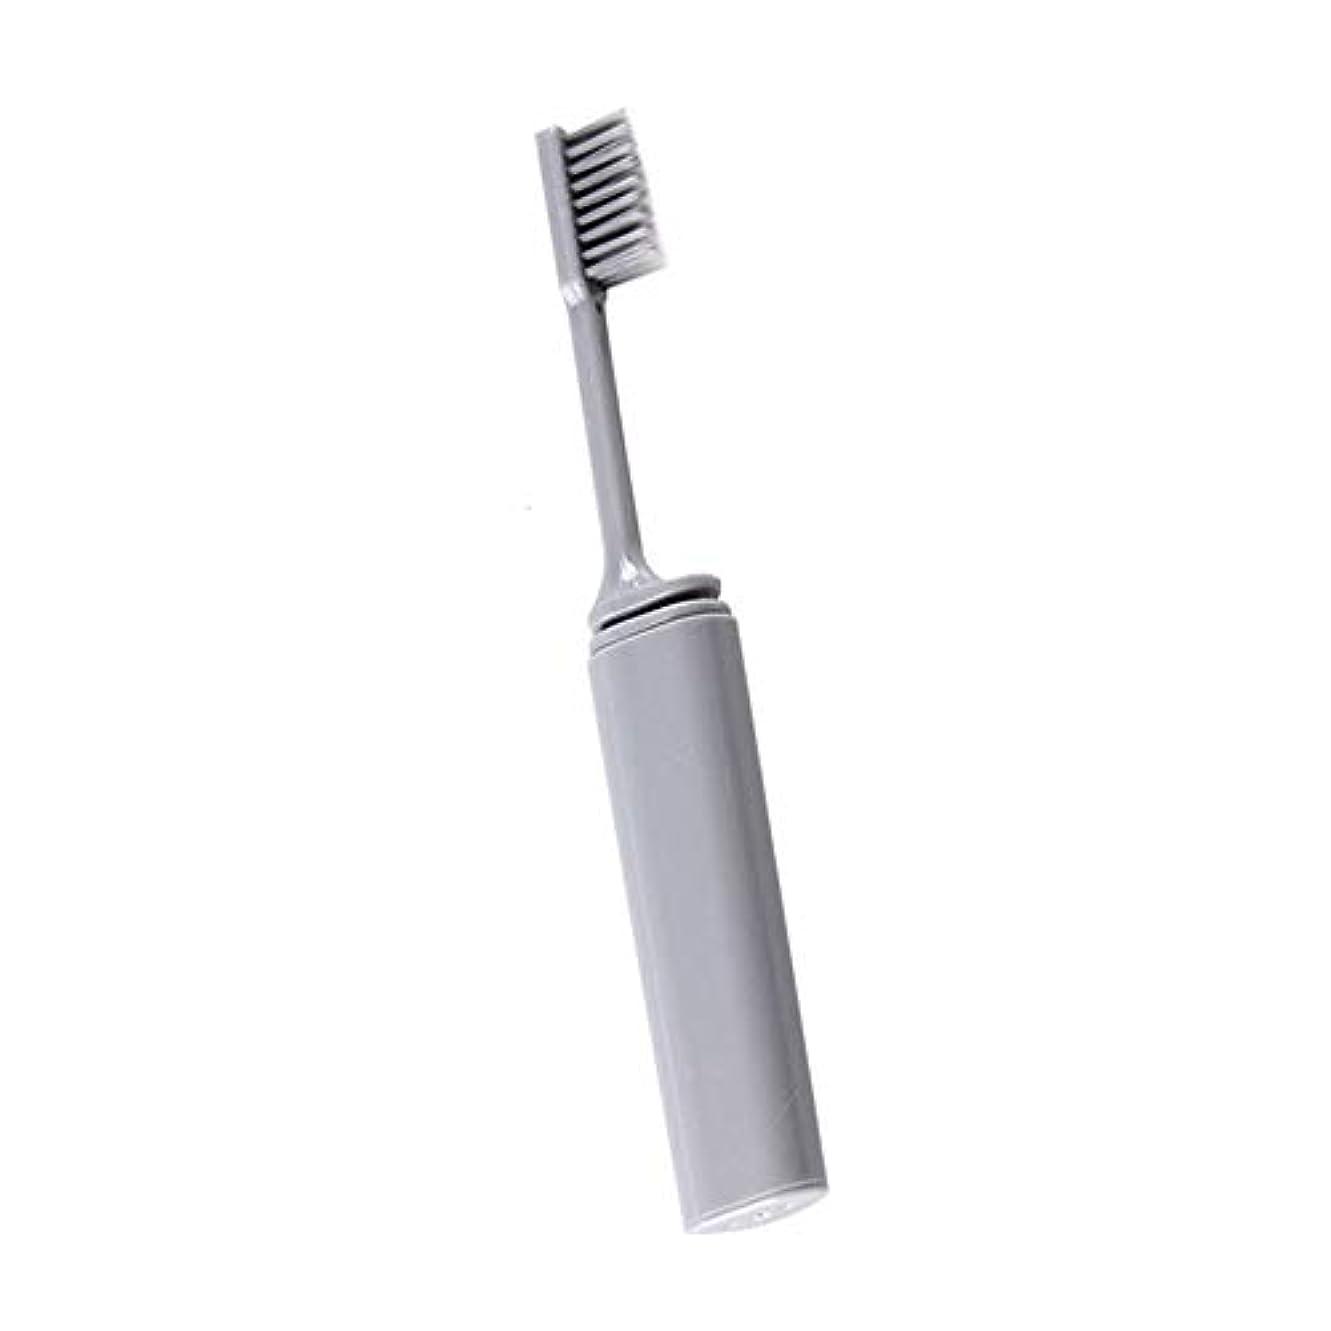 早く波紋技術的なOnior 旅行歯ブラシ 折りたたみ歯ブラシ 携帯歯ブラシ 外出 旅行用品, ソフト コンパクト歯ブラシ 便利 折りたたみ 耐久性 携帯用 灰色